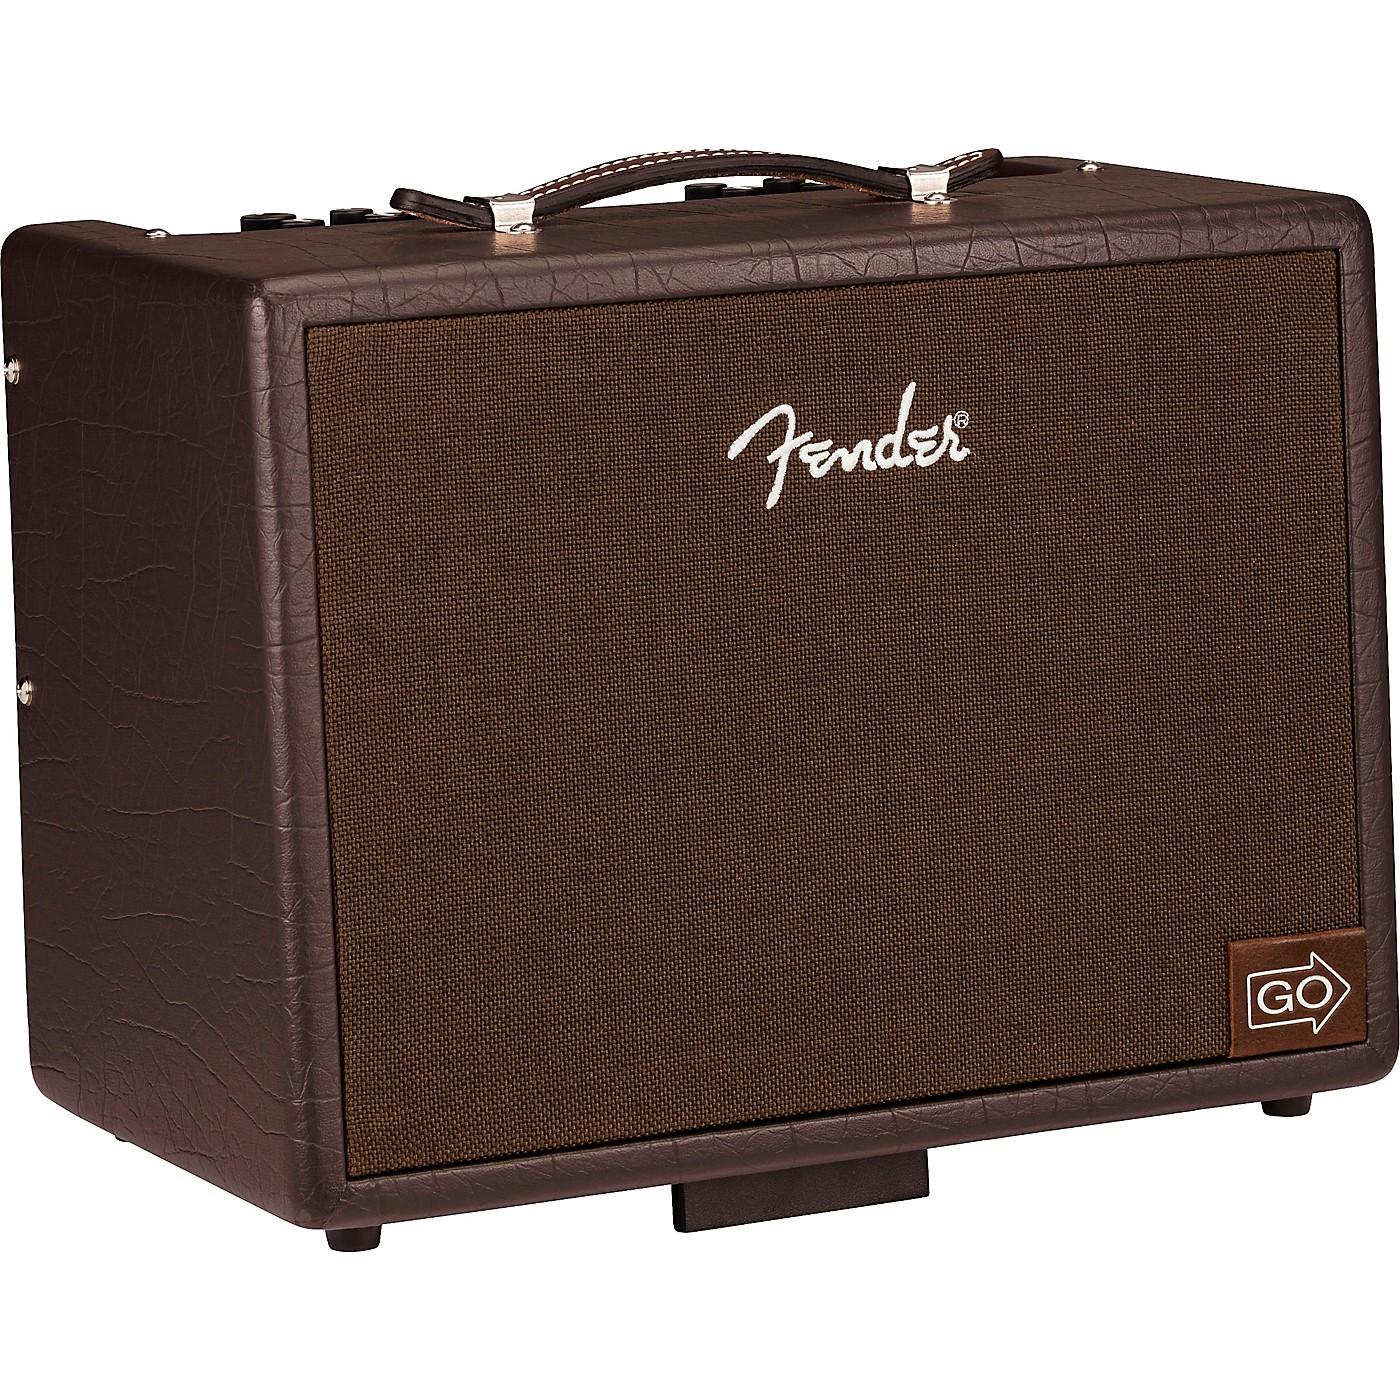 Fender Acoustic Jr GO 100W 1x8 Acoustic Guitar Combo Amplifier thumbnail